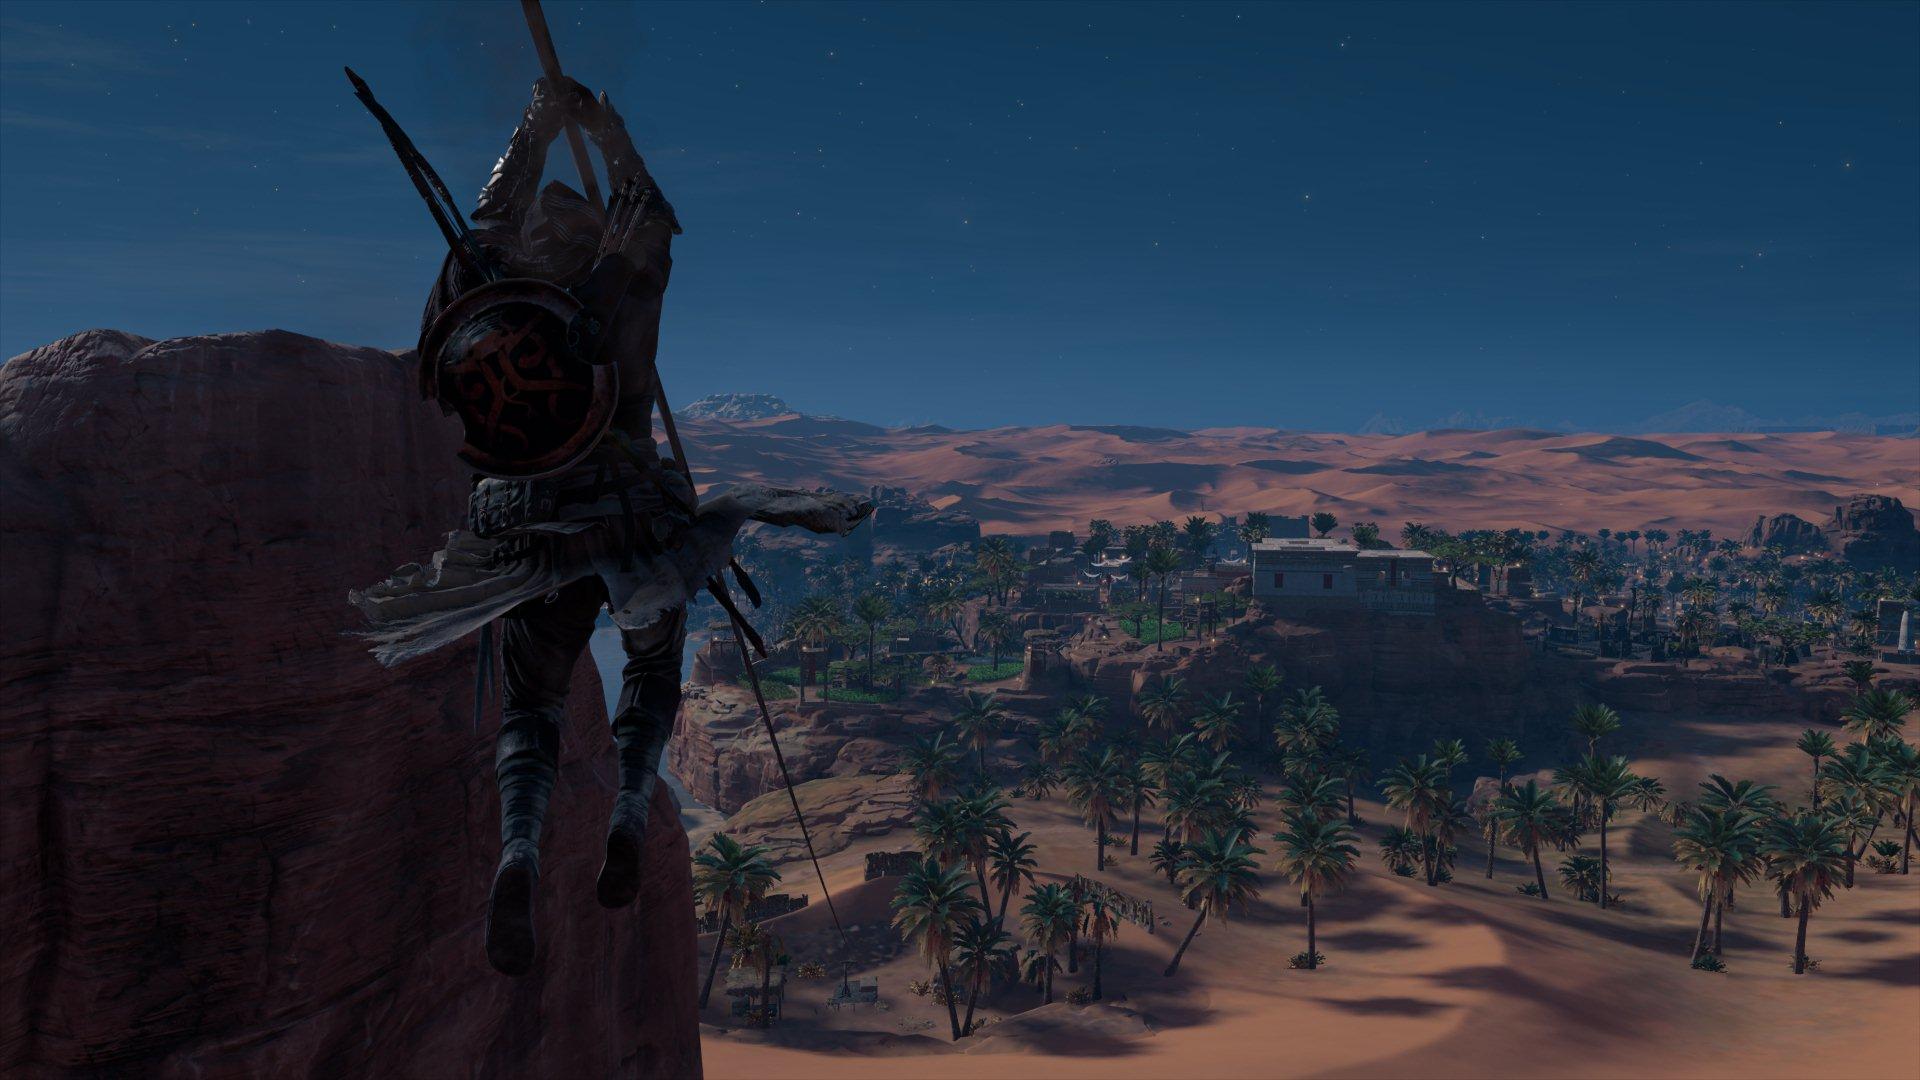 20180210231306.jpg - Assassin's Creed: Origins